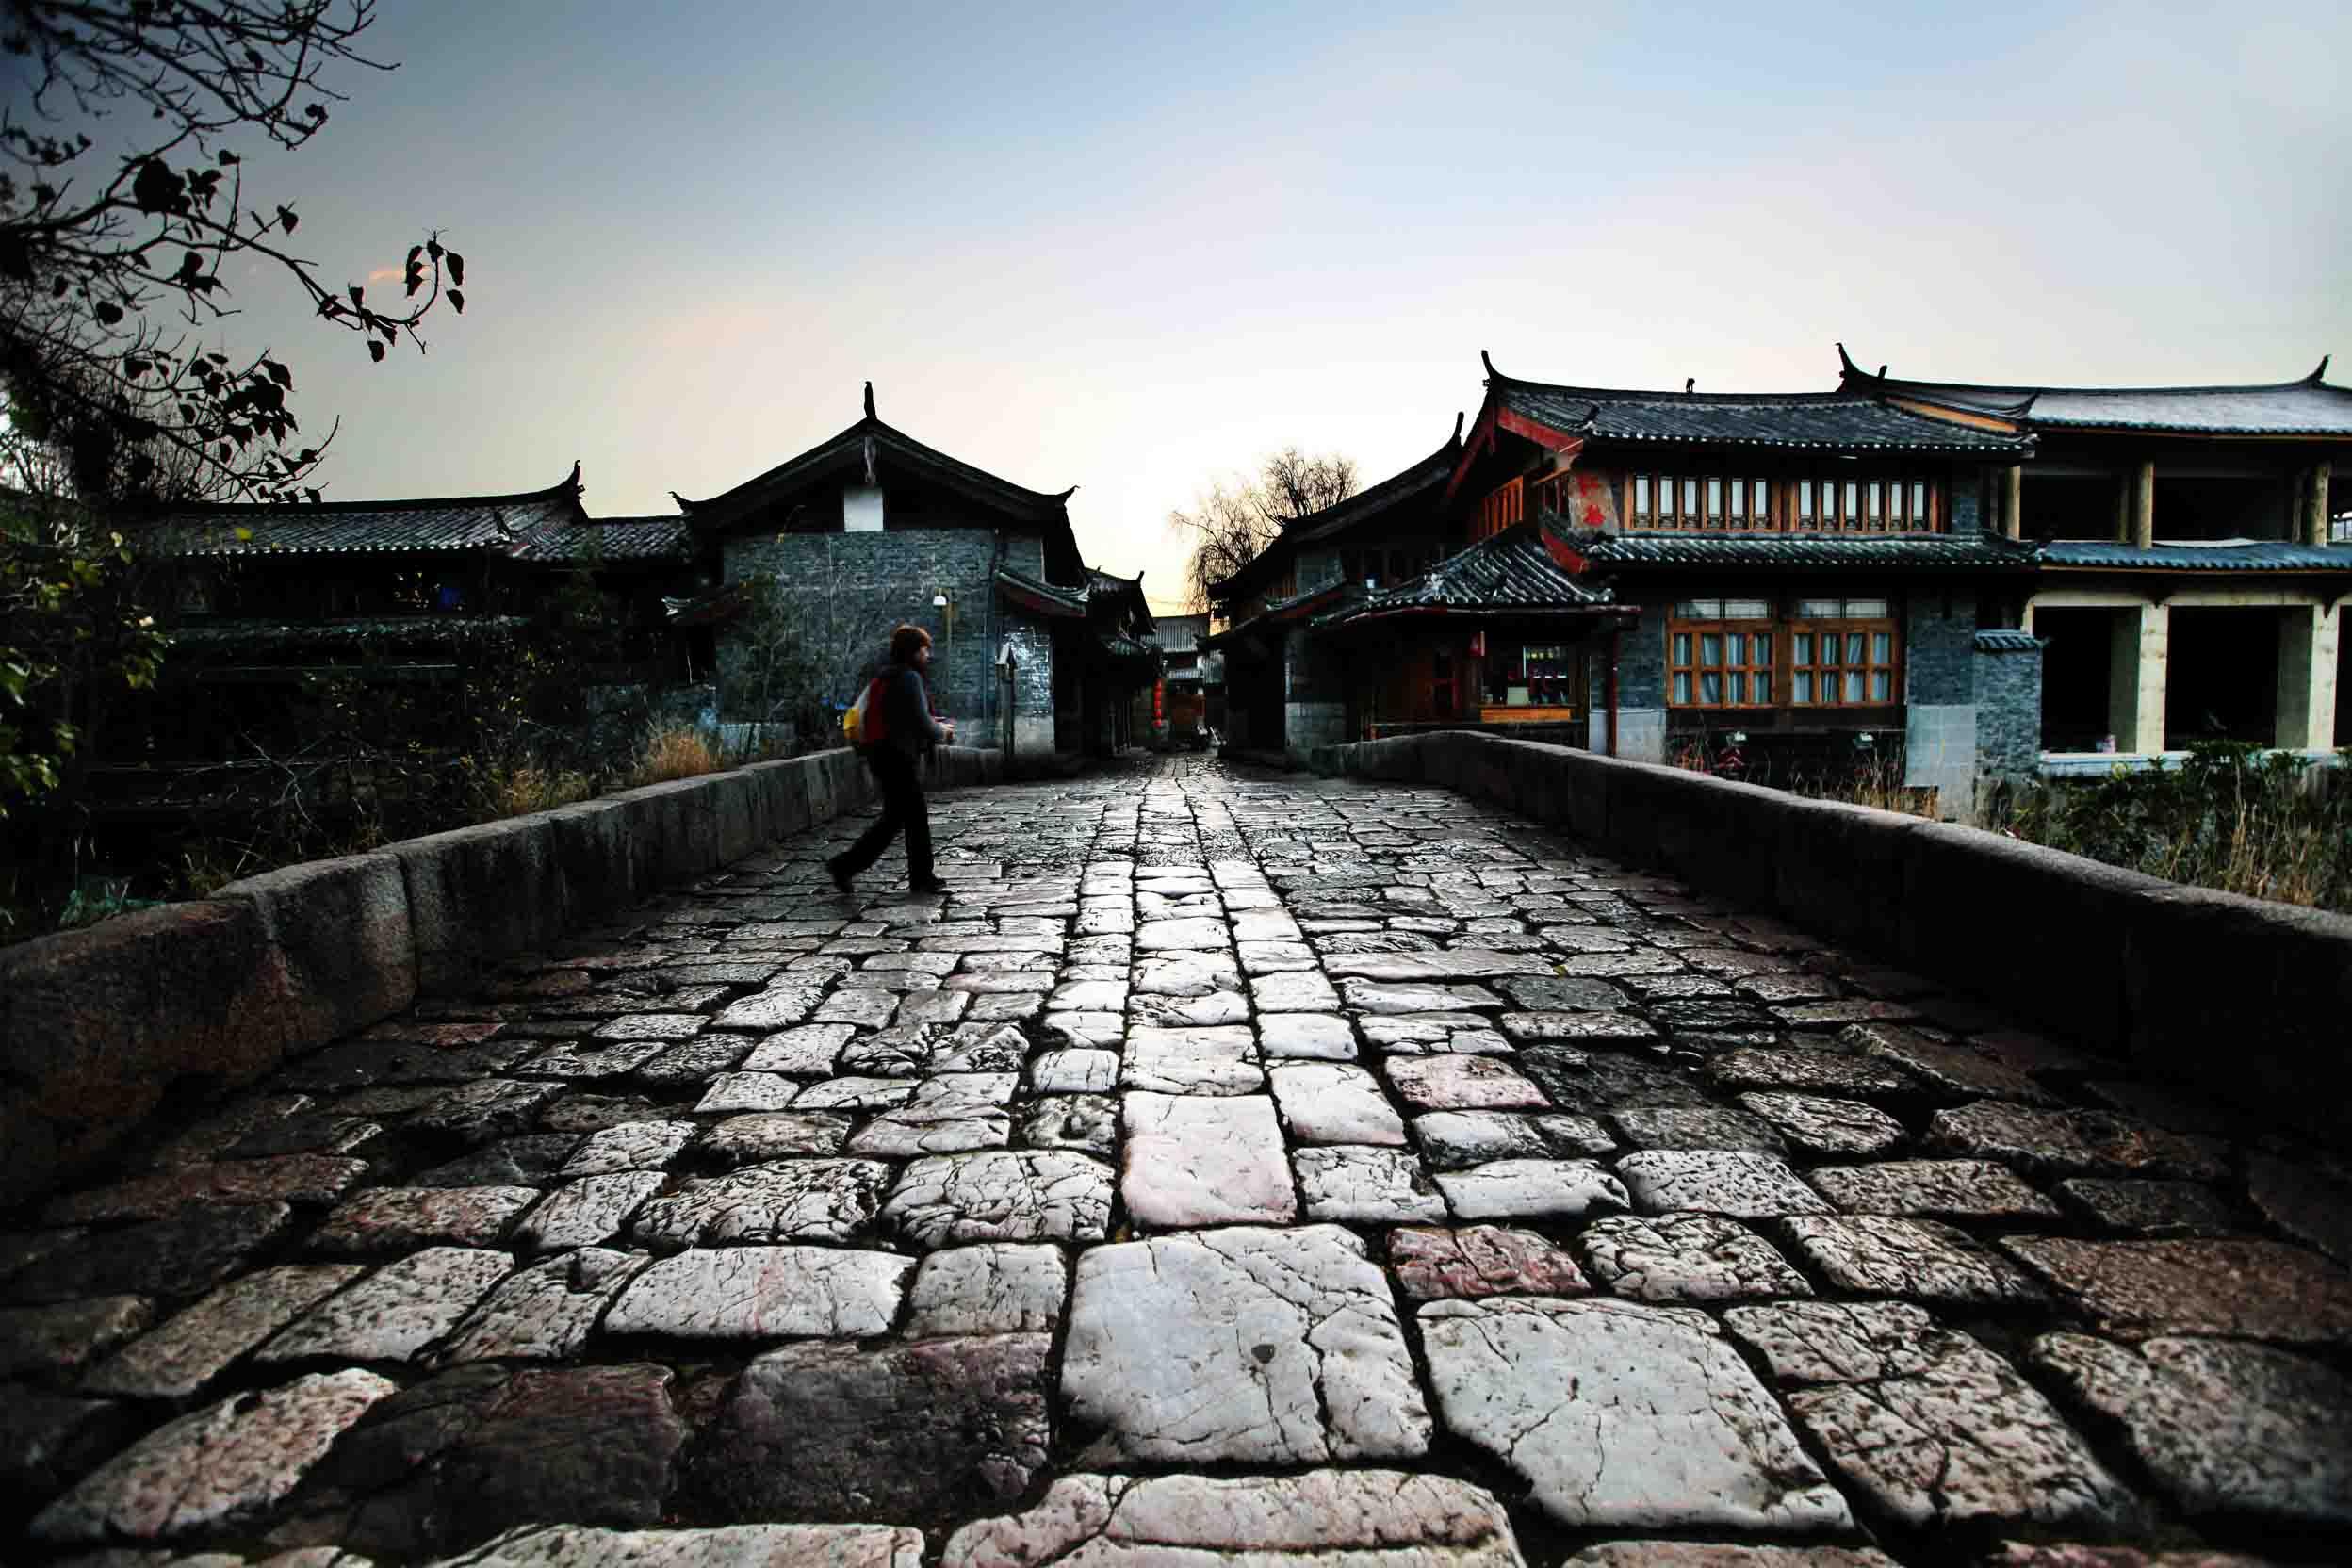 首页 ppt背景 风景ppt背景图片 > 丽江古城(大研镇)ppt背景图片  上一